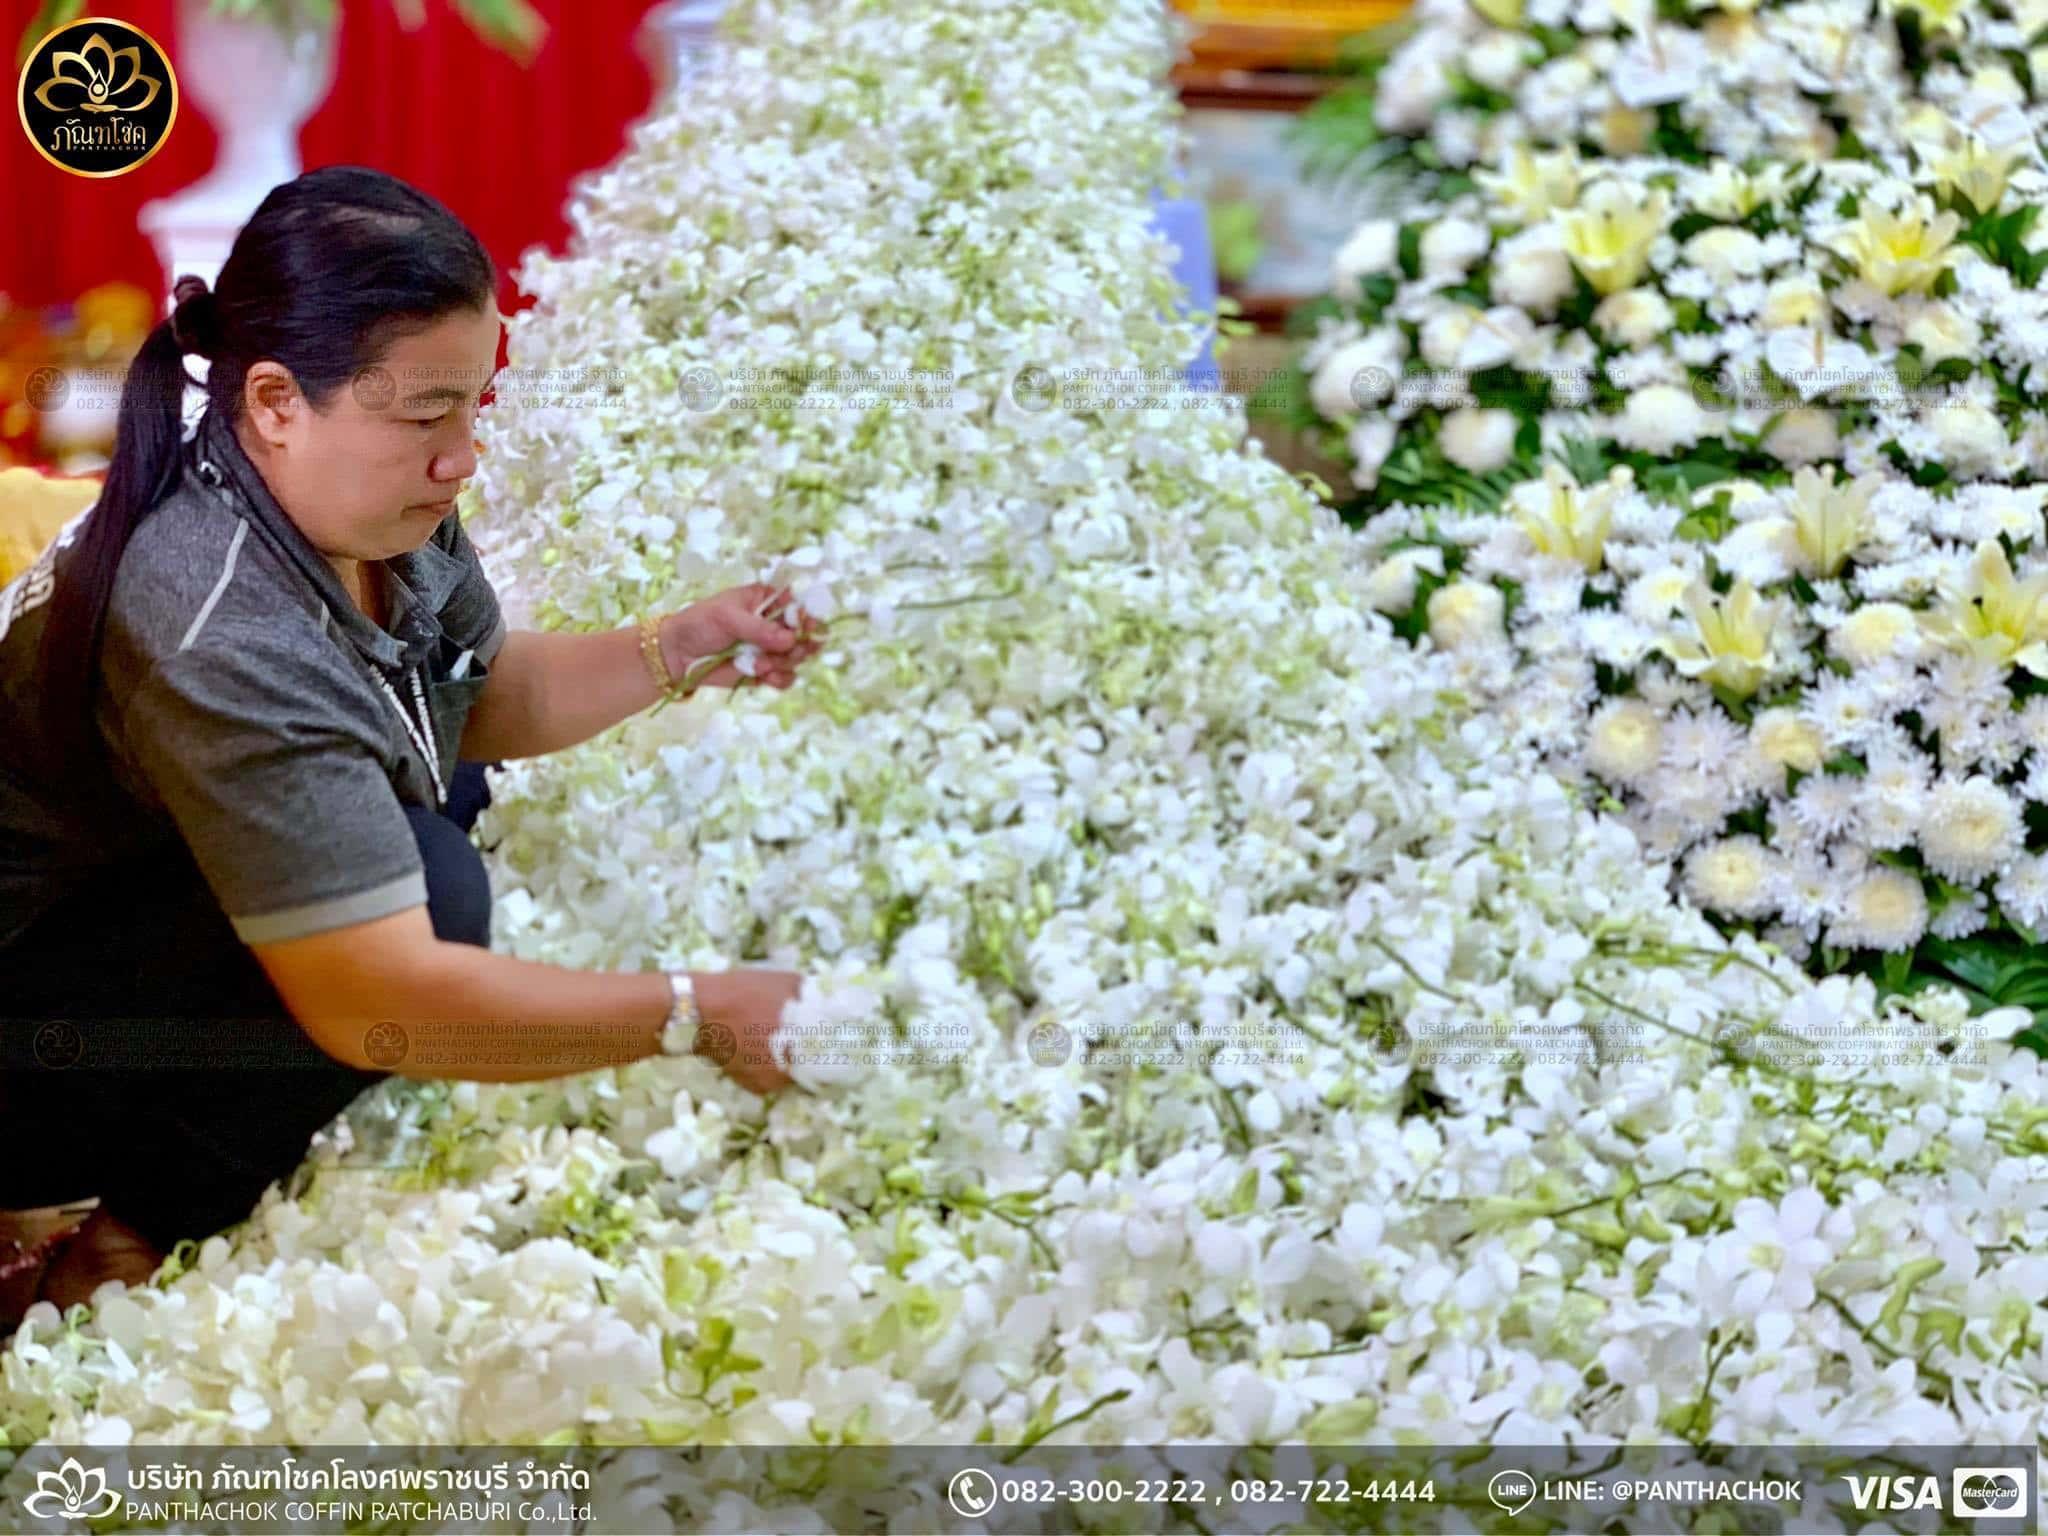 ดอกไม้หน้าหีบราชบุรี ดอกไม้งานศพ ติดต่อได้24ชม.